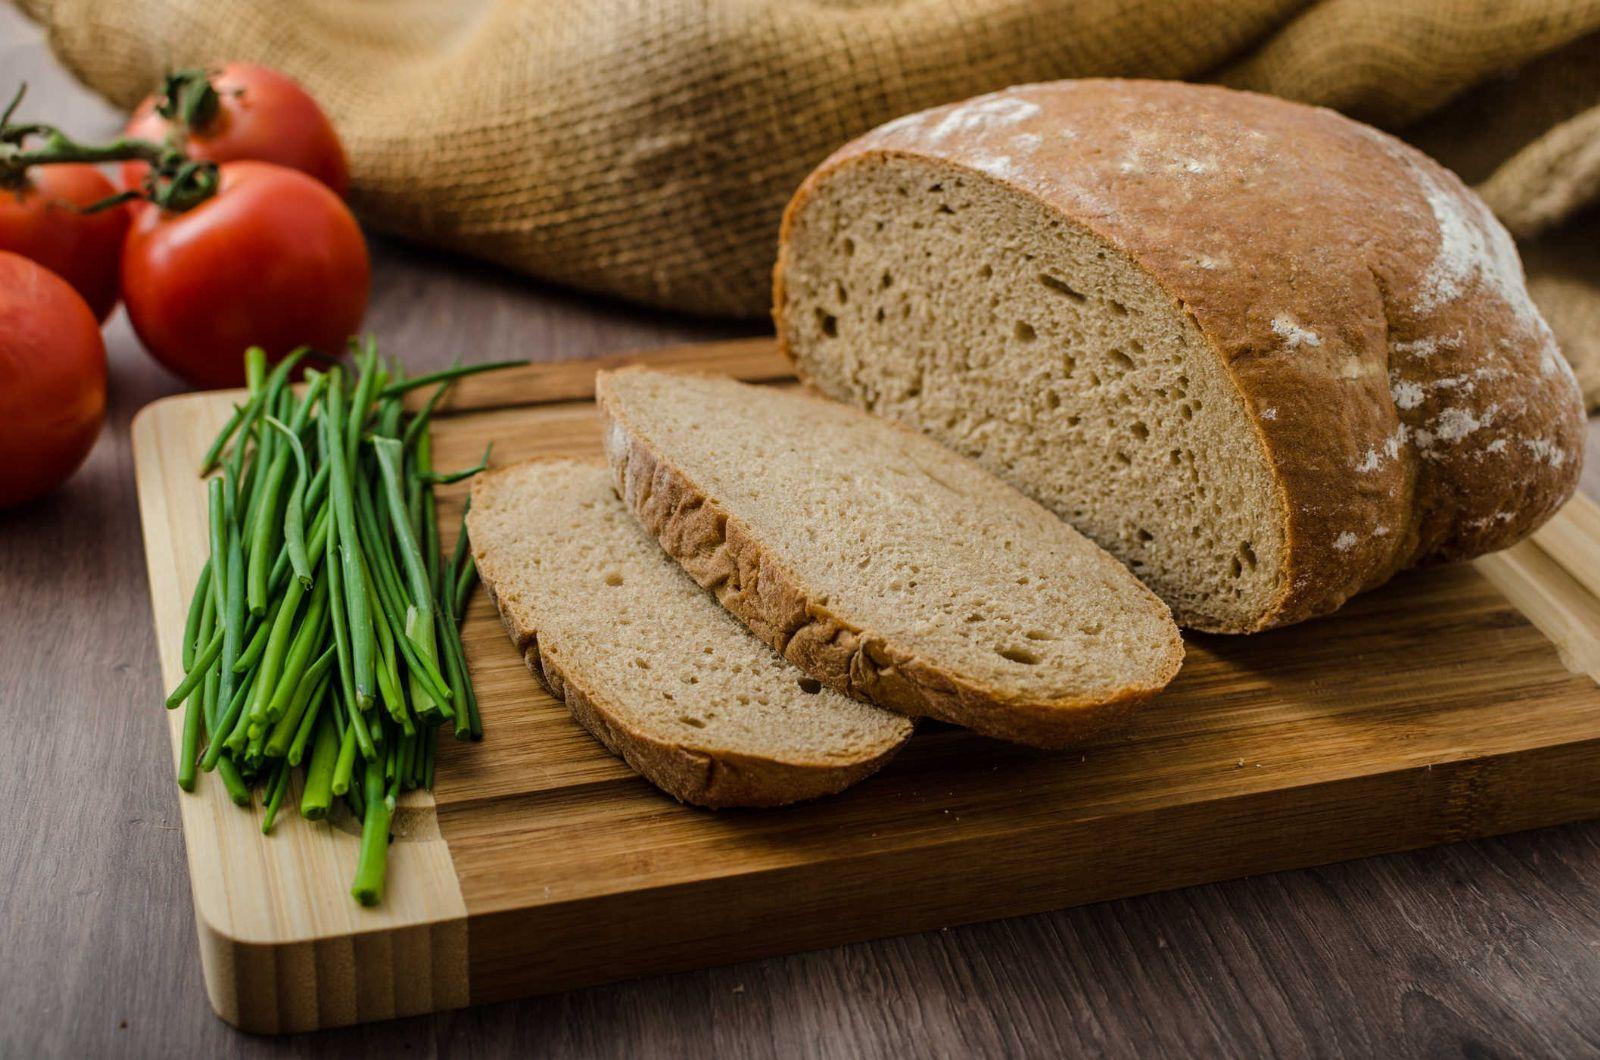 Biết được công dụng của bánh mì đen đối với sức khỏe sẽ khiến bạn vô cùng bất ngờ - Ảnh 4